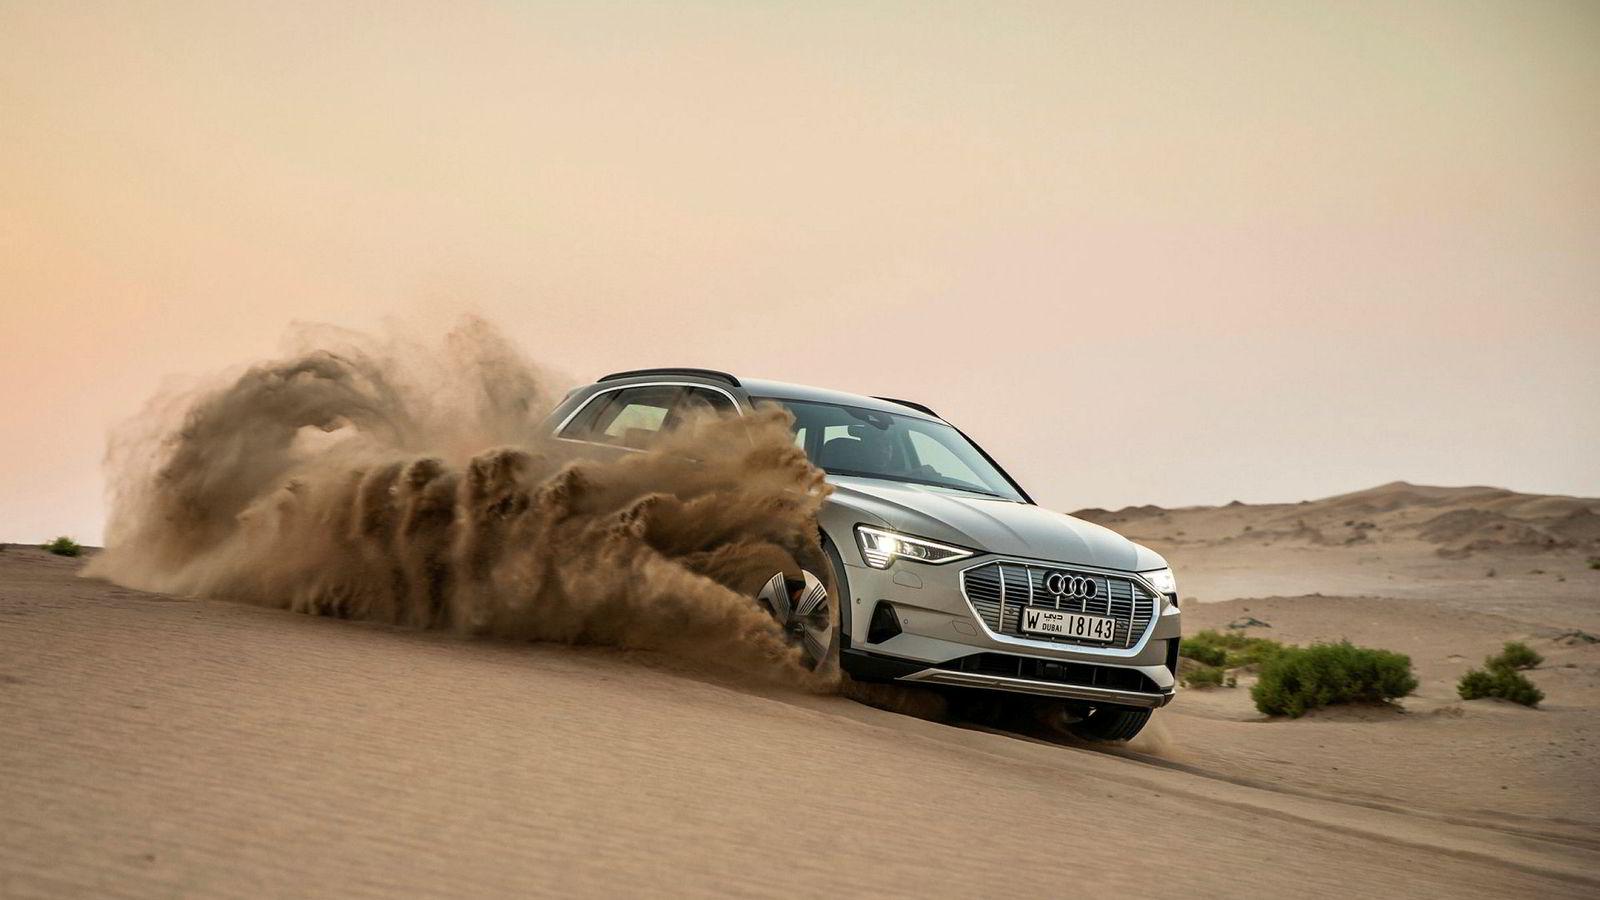 Det er registrert over 2000 Audi e-tron siden Møller startet med leveringer av bilen i mars. Her på testkjøring i Abu Dhabi.